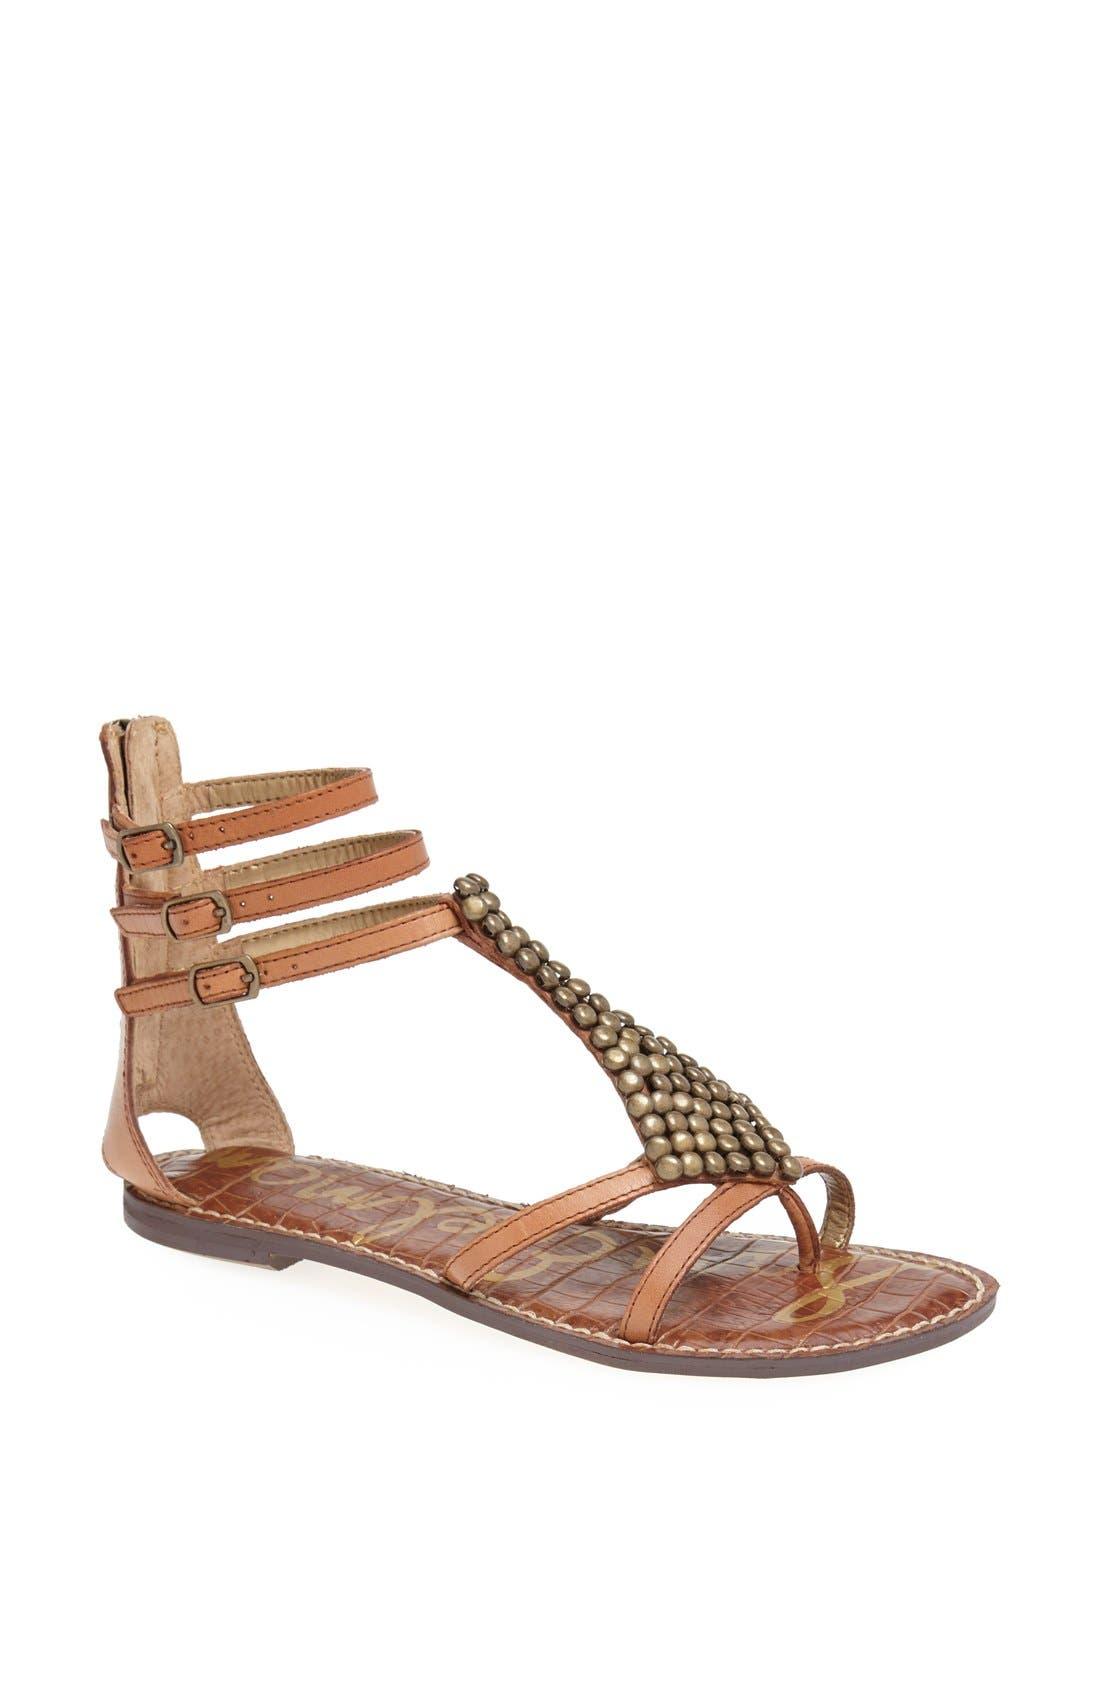 Main Image - Sam Edelman 'Ginger' Sandal